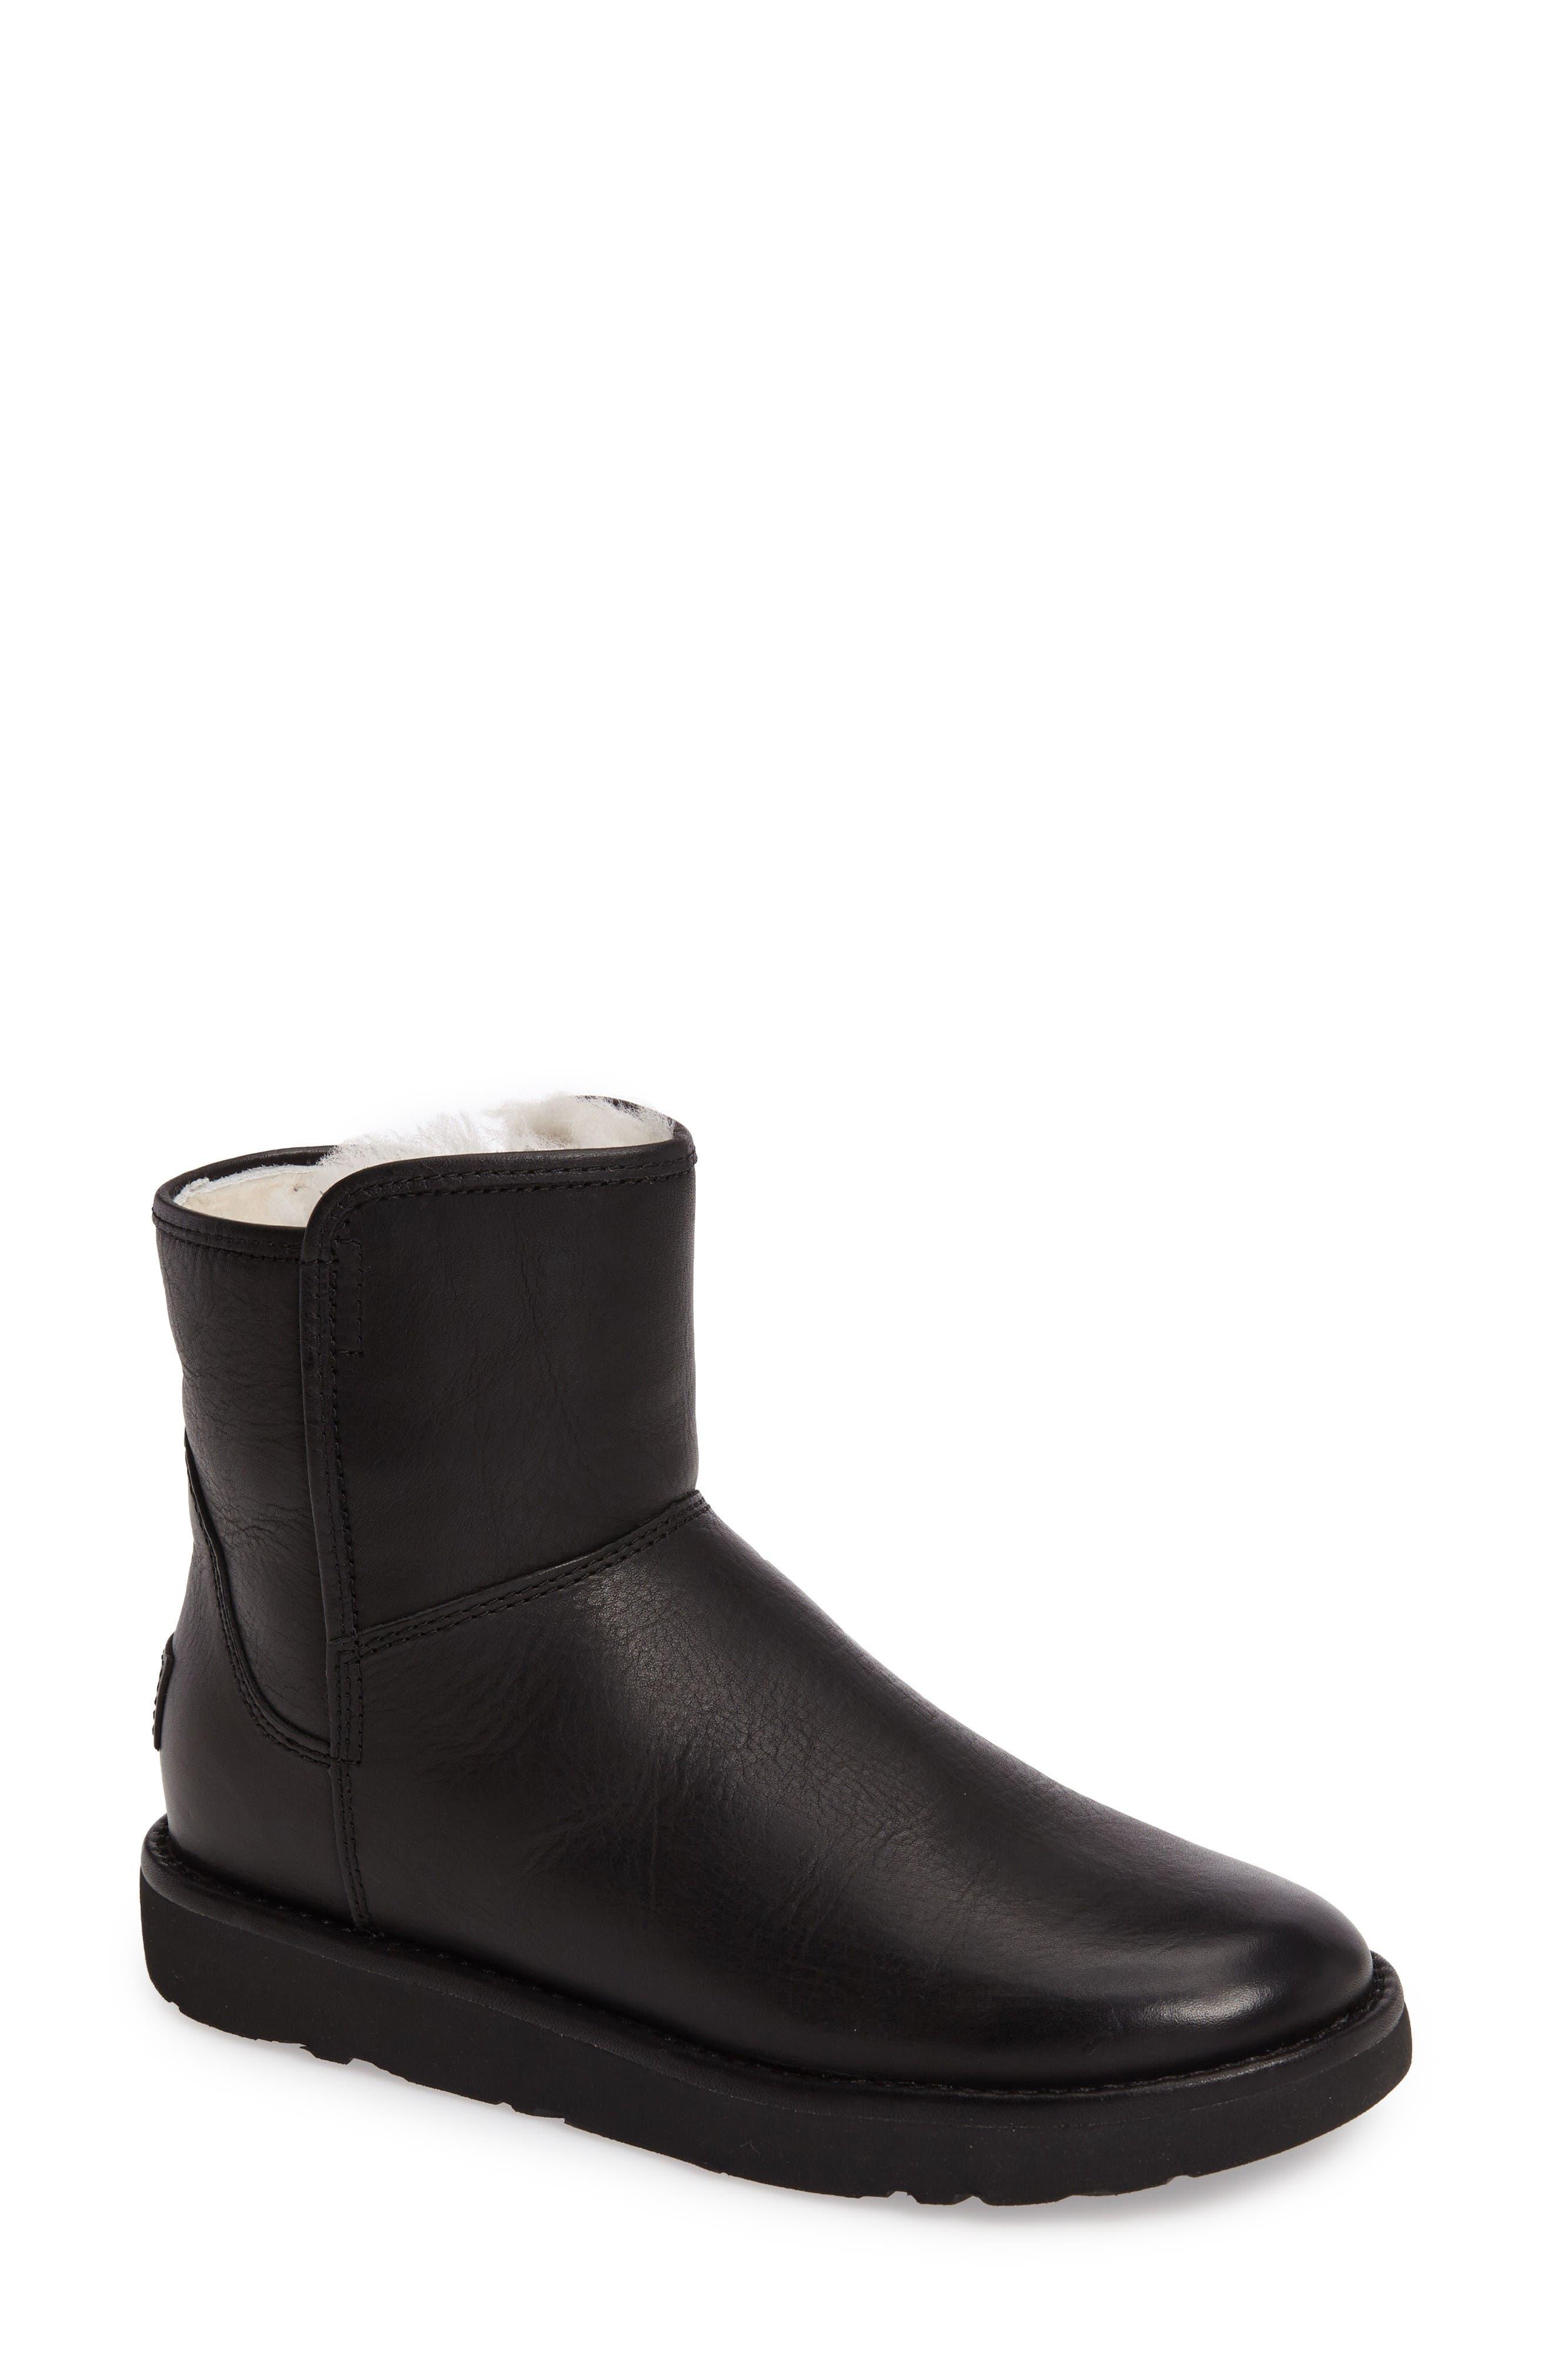 Abree Mini Boot,                         Main,                         color, Black Leather